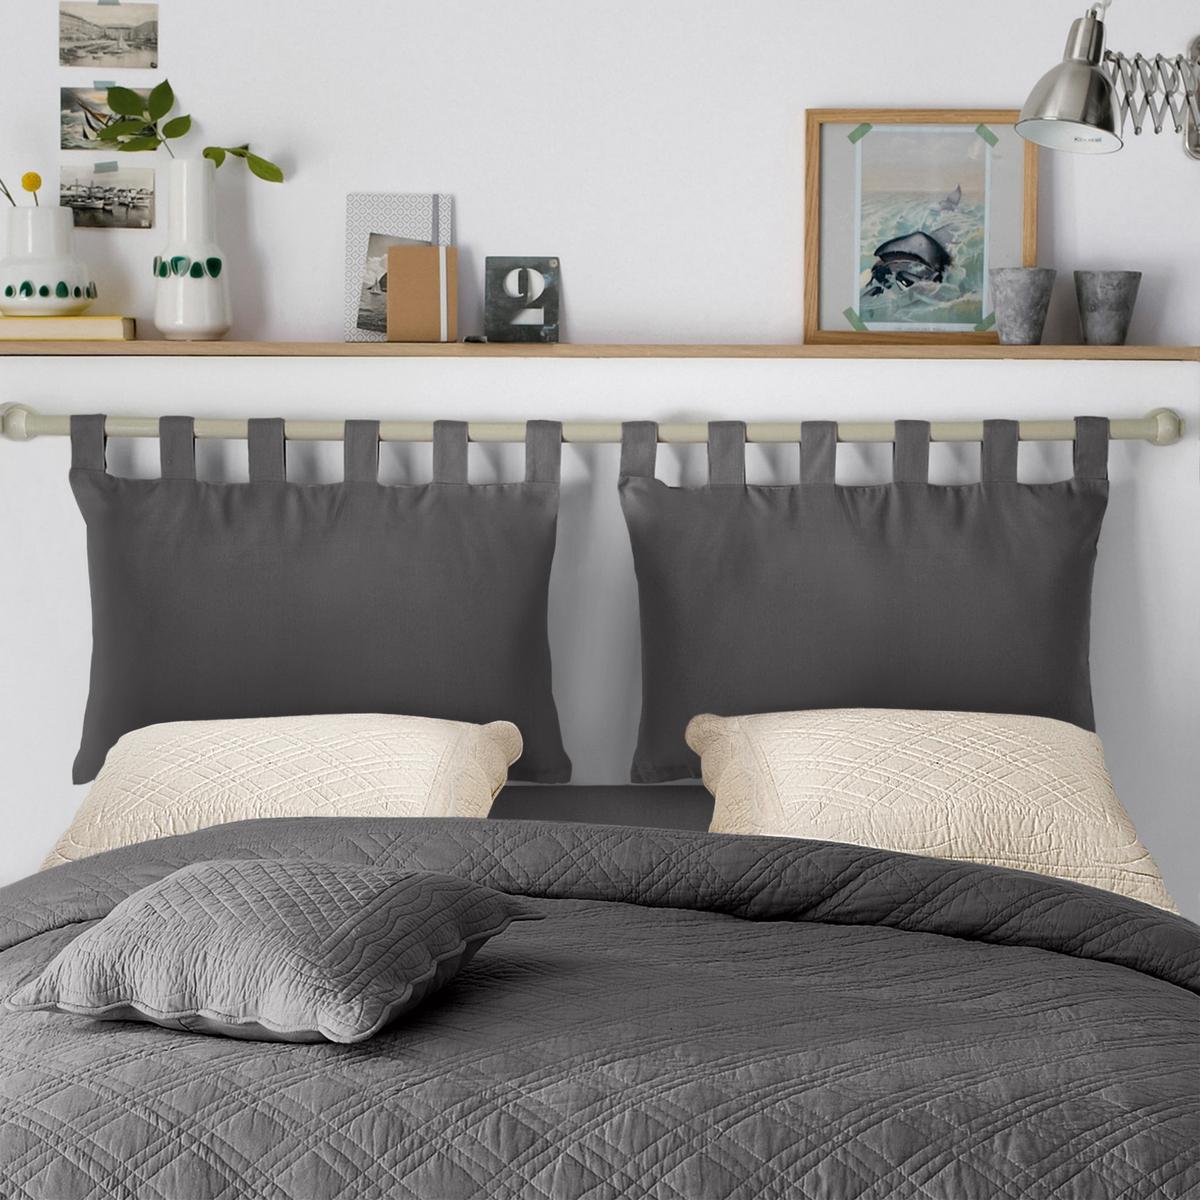 2 чехла La Redoute Для изголовья кровати из хлопка SCENARIO 50 x 70 см серый